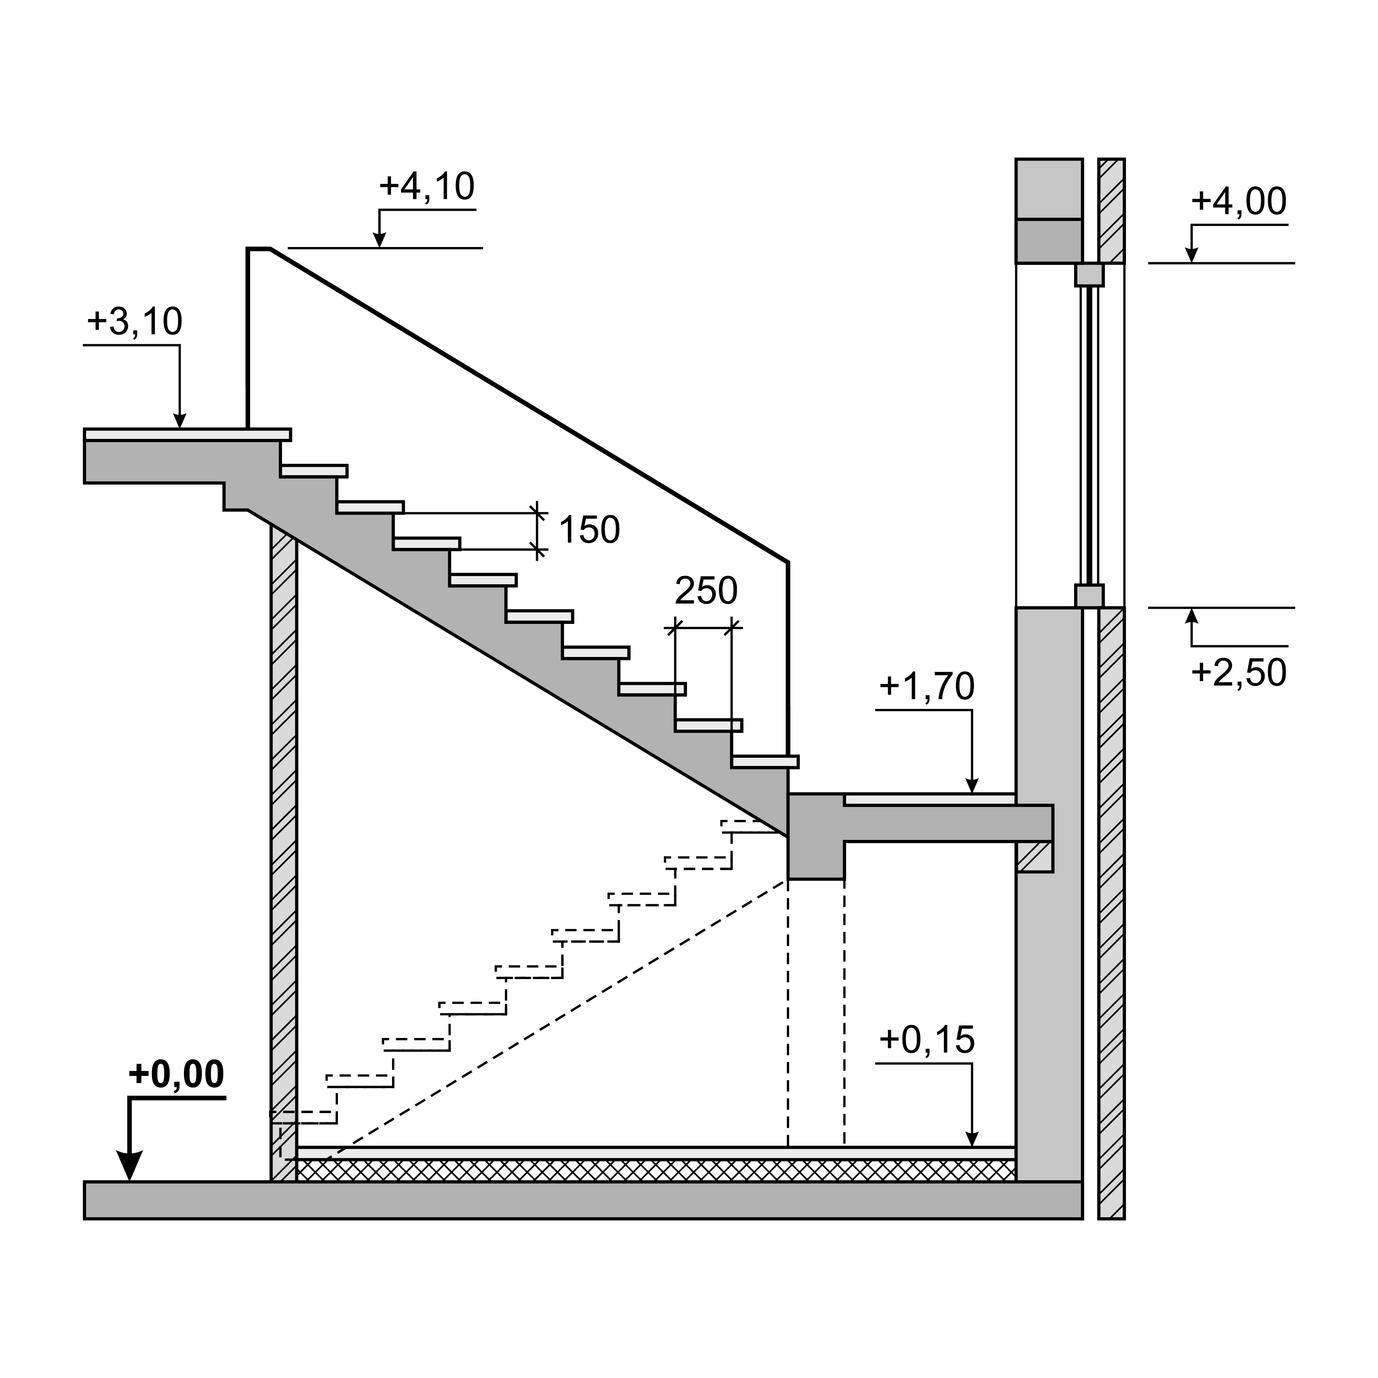 vorsicht treppe tipps f r mehr sicherheit maler grosser. Black Bedroom Furniture Sets. Home Design Ideas